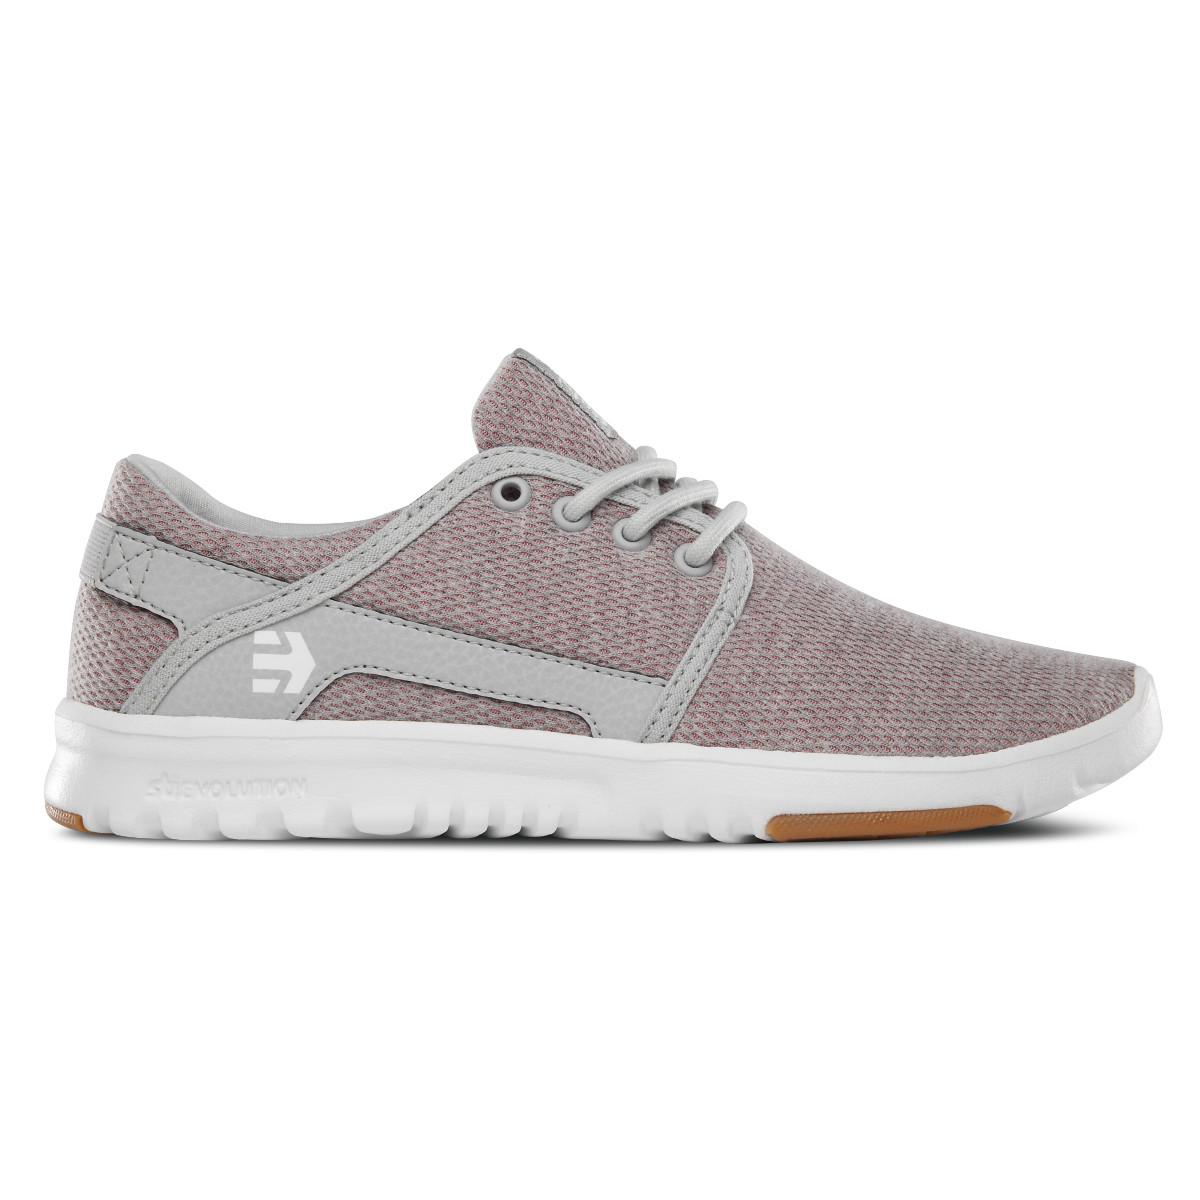 db4e070b92de Etnies Womens Shoes SCOUT W S PINK WHITE GREY